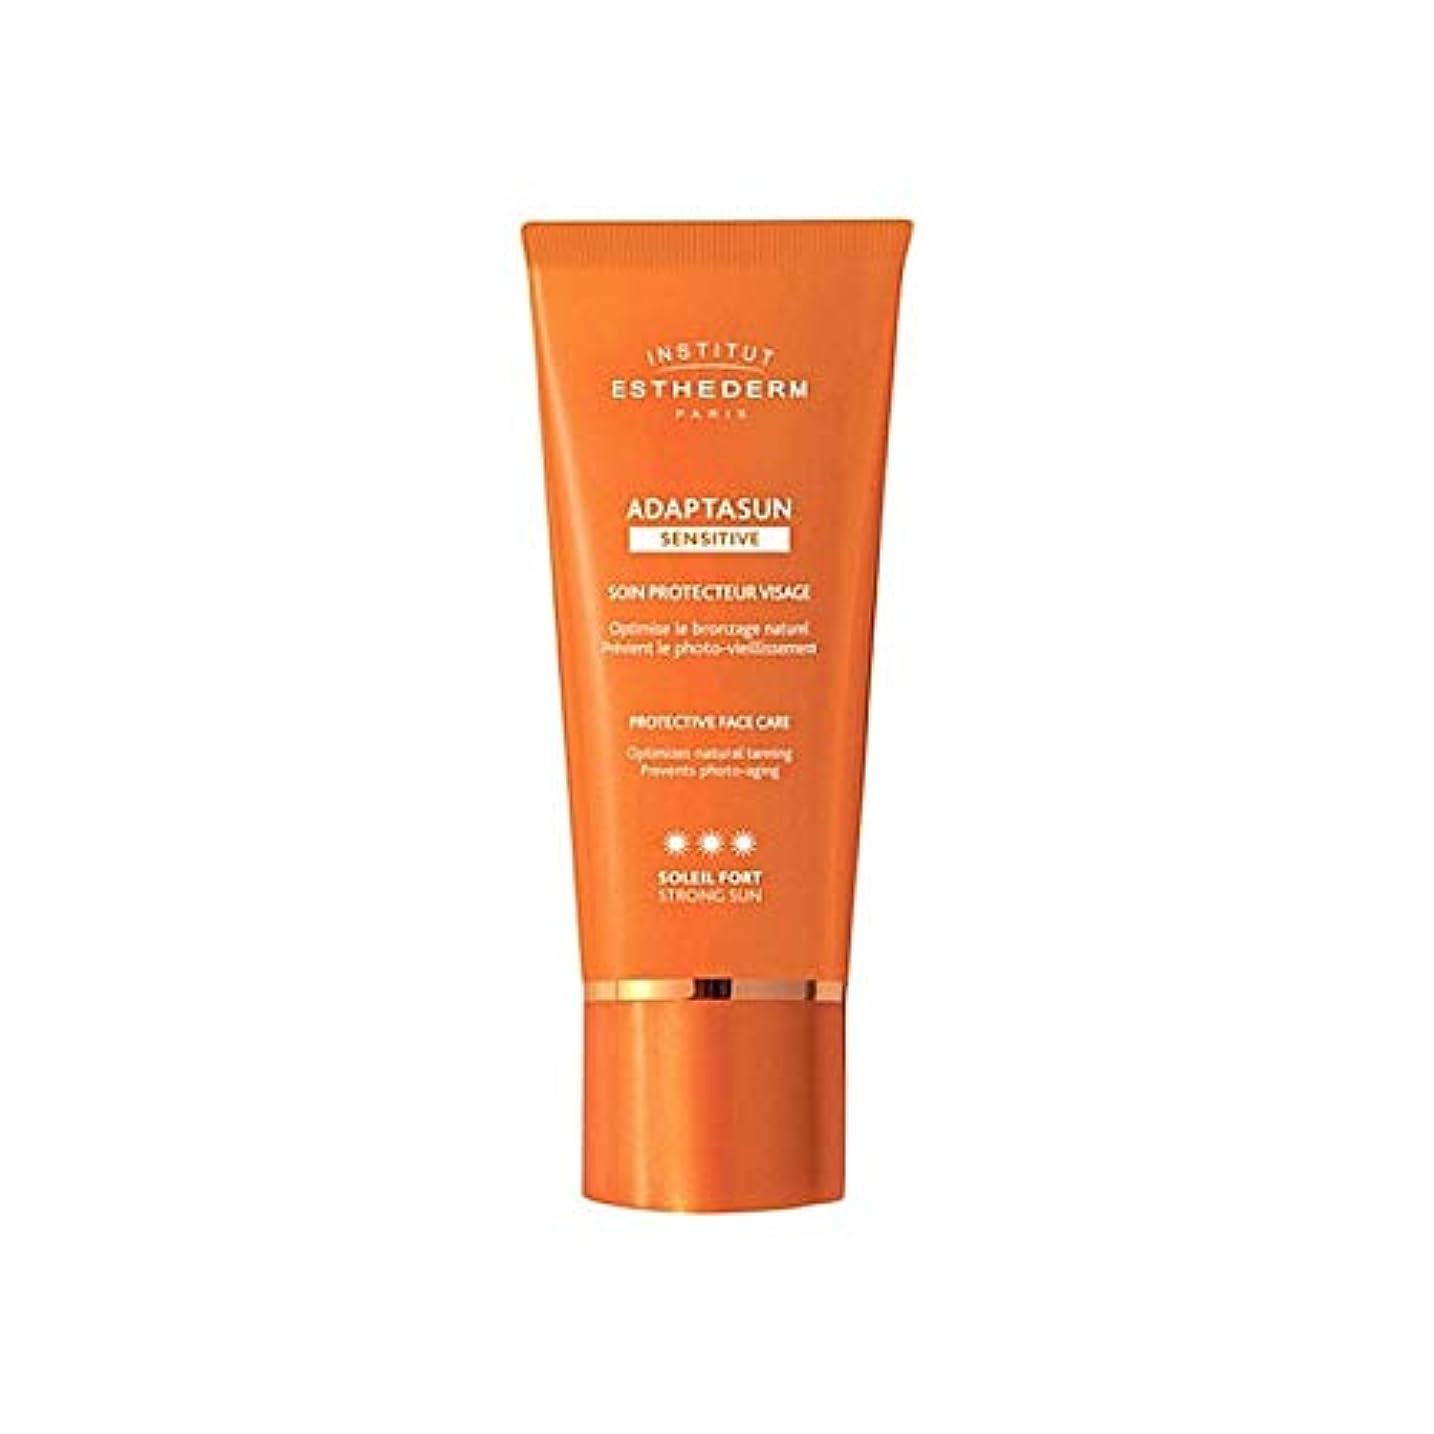 過敏なケイ素秋[Institut Esthederm] 研究所のEsthedermのAdaptasun敏感肌の強い日顔クリーム50ミリリットル - Institut Esthederm Adaptasun Sensitive Skin Strong Sun Face Cream 50ml [並行輸入品]